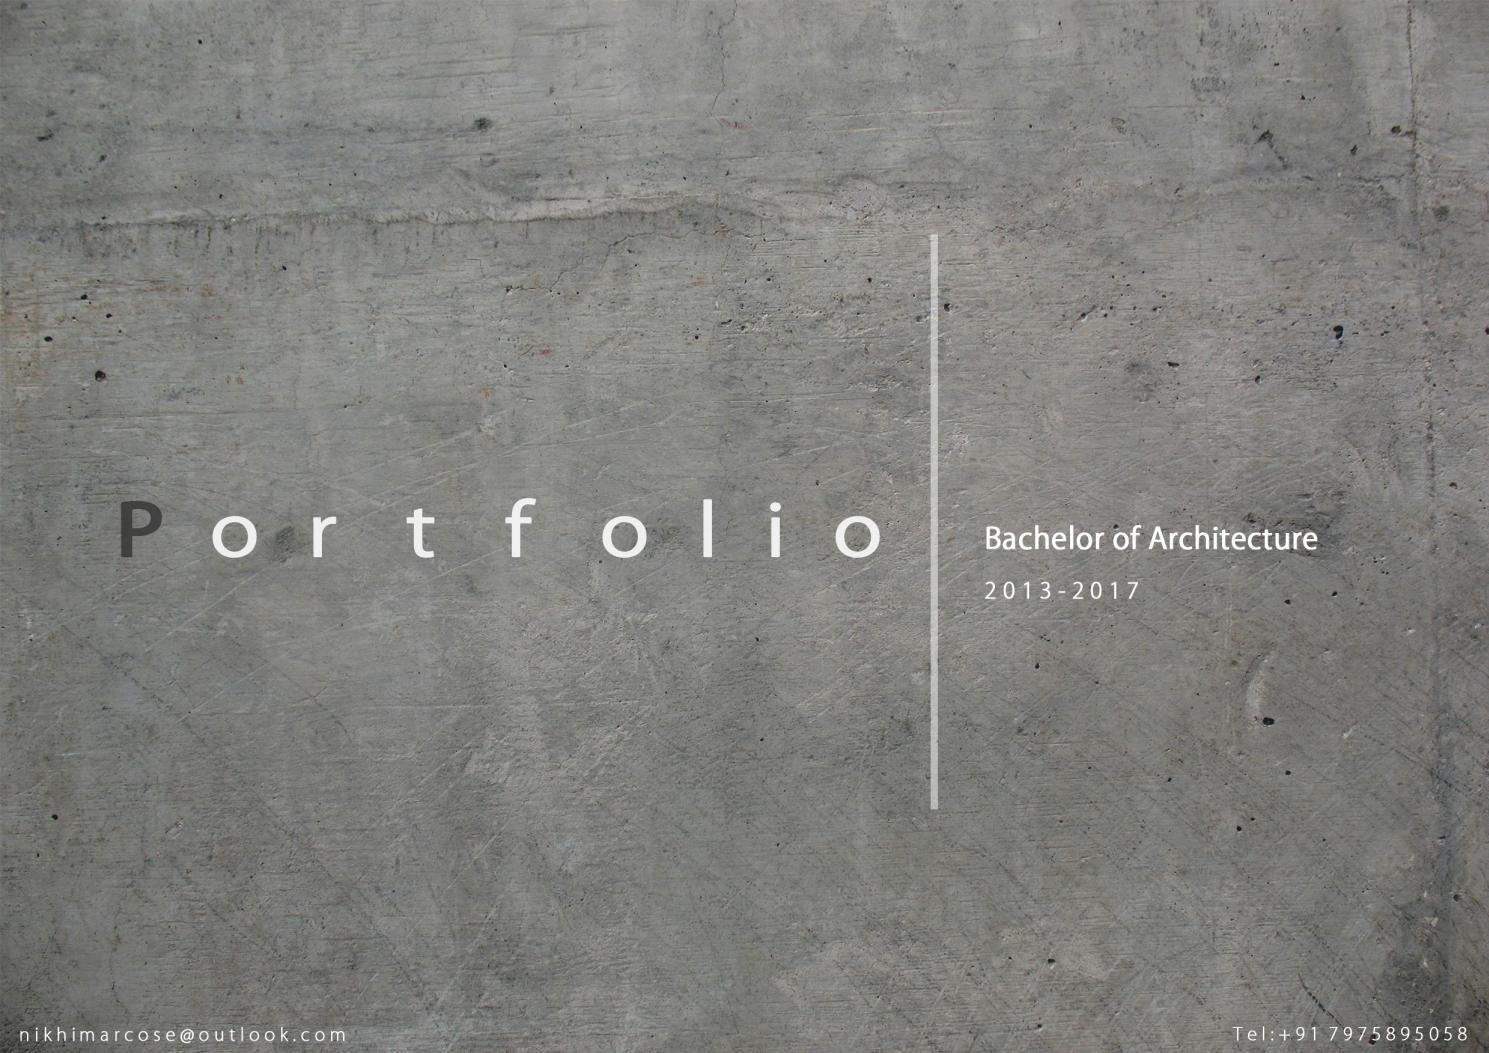 Architecture Portfolio Portfolio cover design